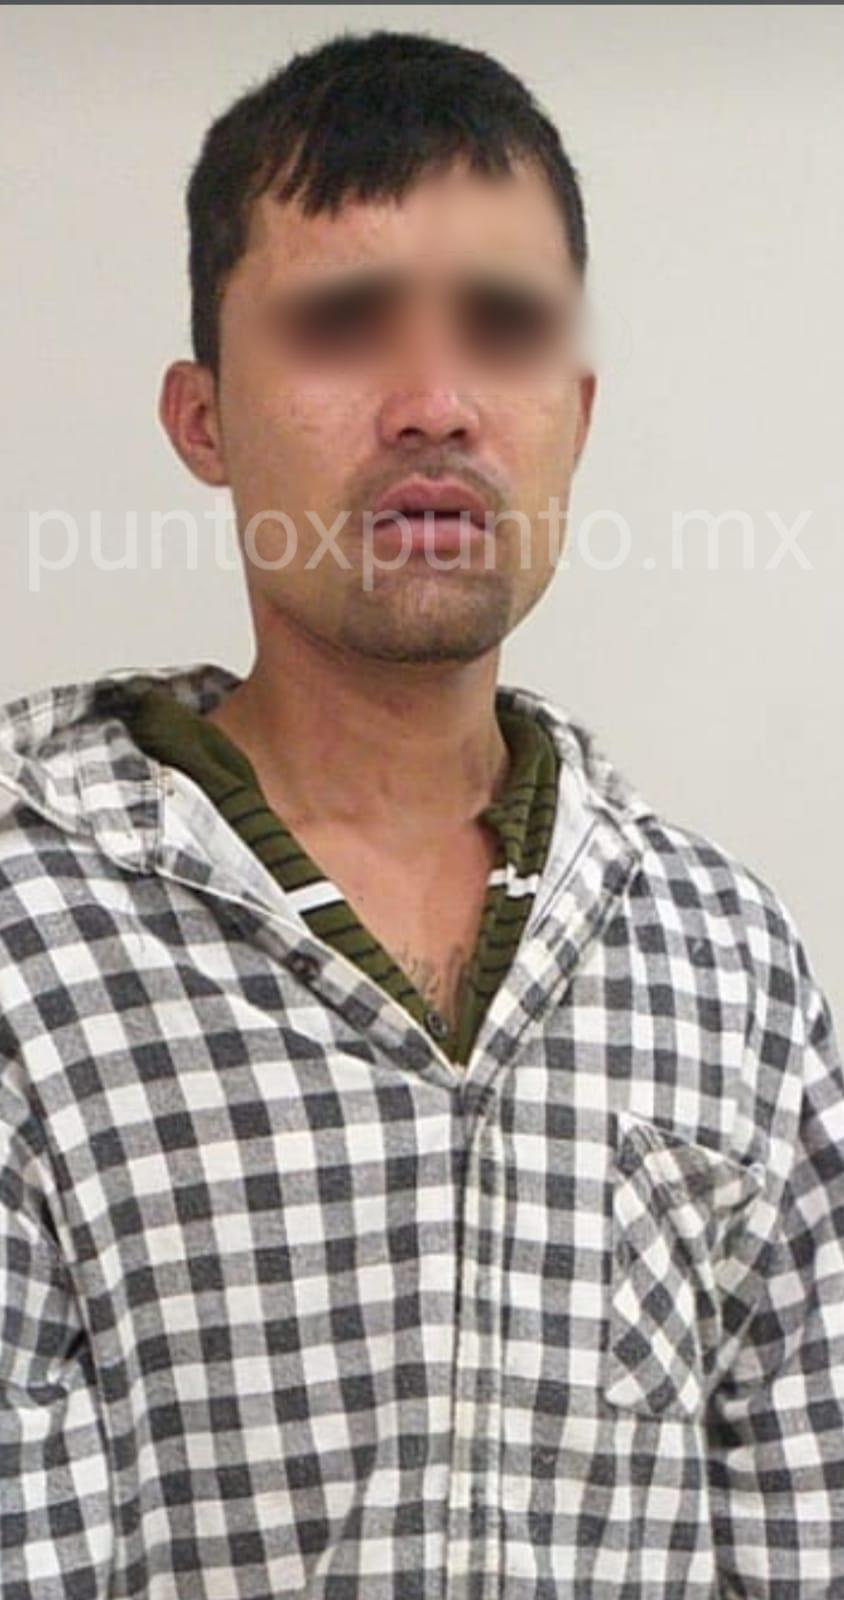 SORPRENDEN A UNA PERSONA ROBANDO EN DOMICILIO, POLICÍAS LO DETIENEN.